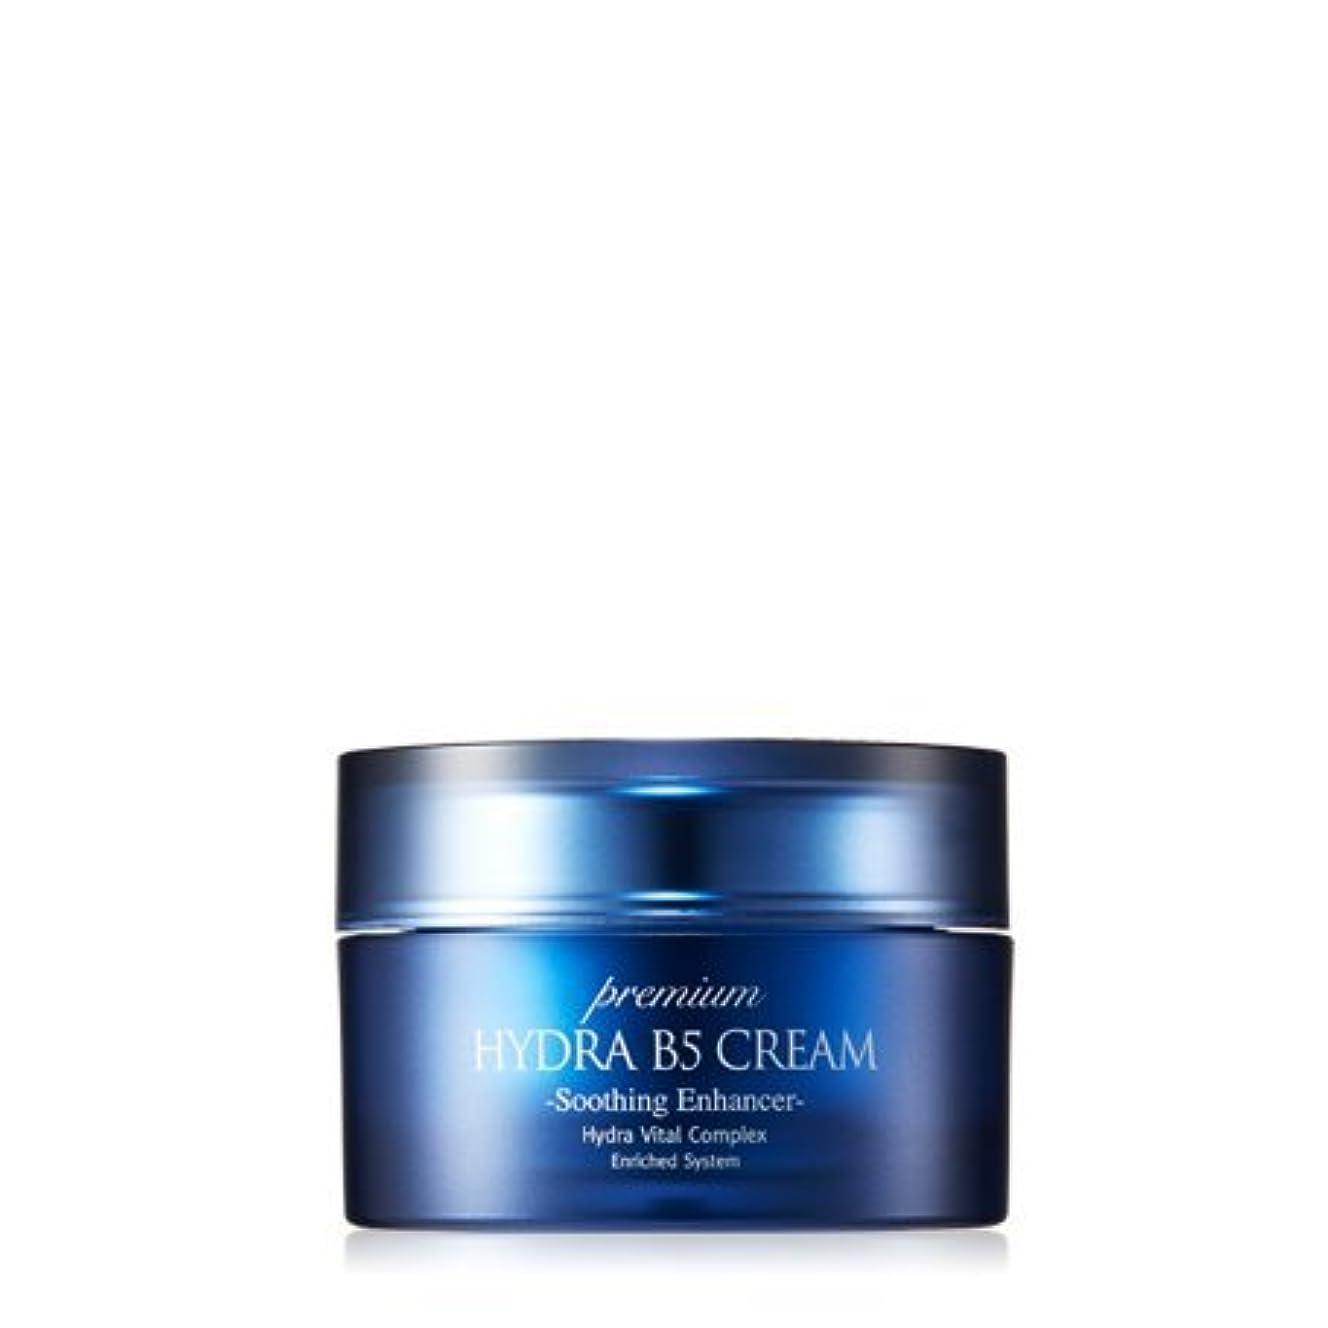 キャベツ不名誉な流行しているA.H.C (AHC) Premium Hydra B5 Cream 50ml/A.H.C プレミアム ハイドラ B5 クリーム 50ml [並行輸入品]